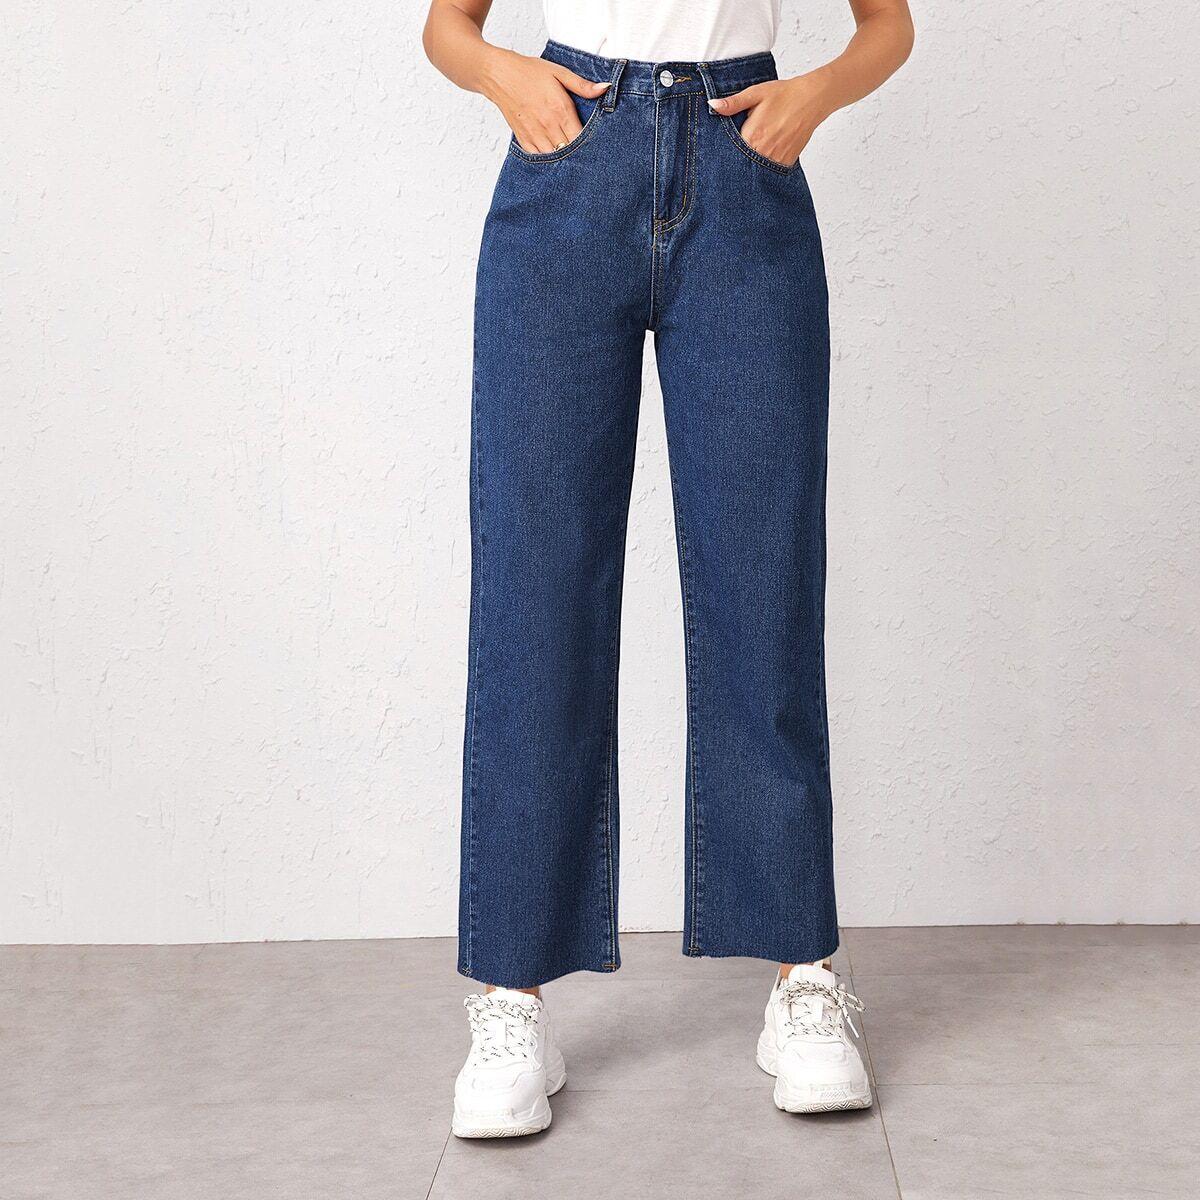 Модные прямые джинсы